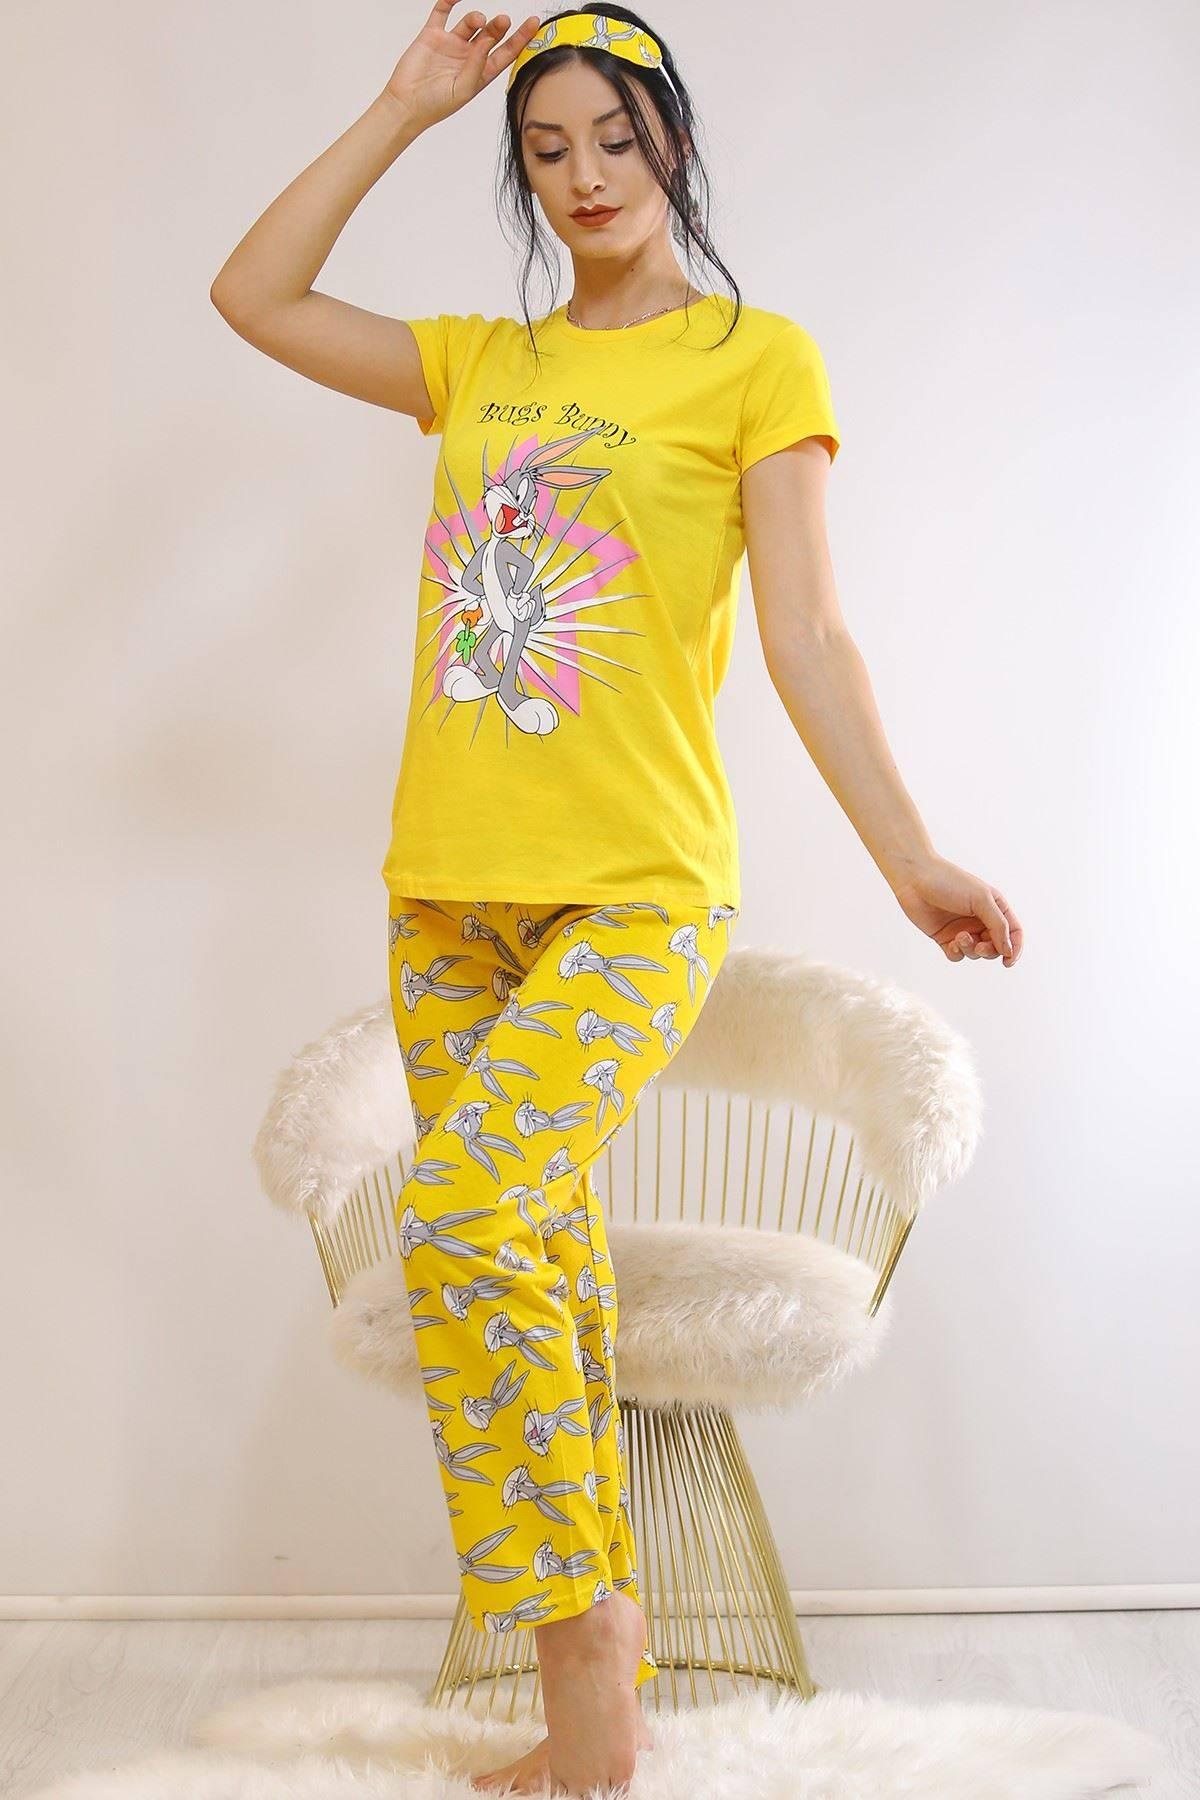 Baskılı Pijama Takımı Sarı - 21879.1059.